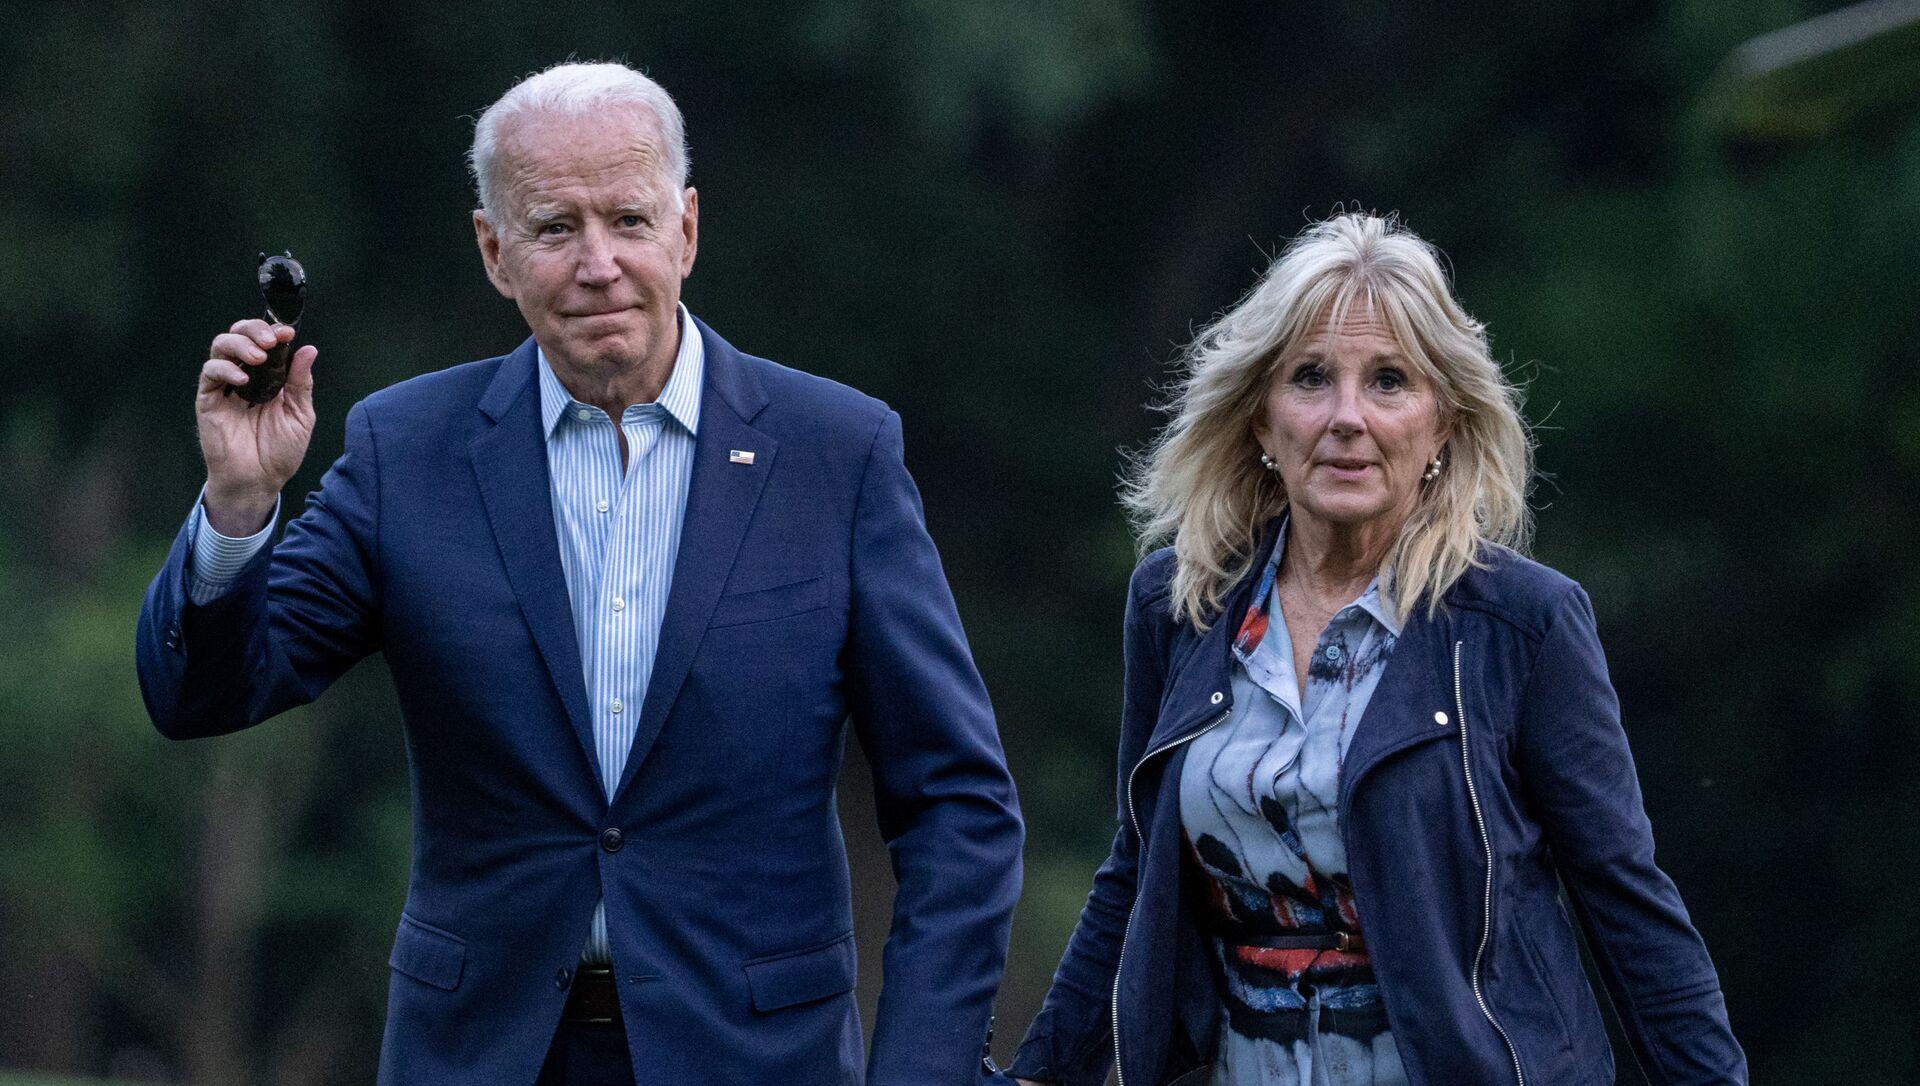 ABD Başkanı Joe Biden ve eşi First Lady Jill Biden - Sputnik Türkiye, 1920, 29.07.2021